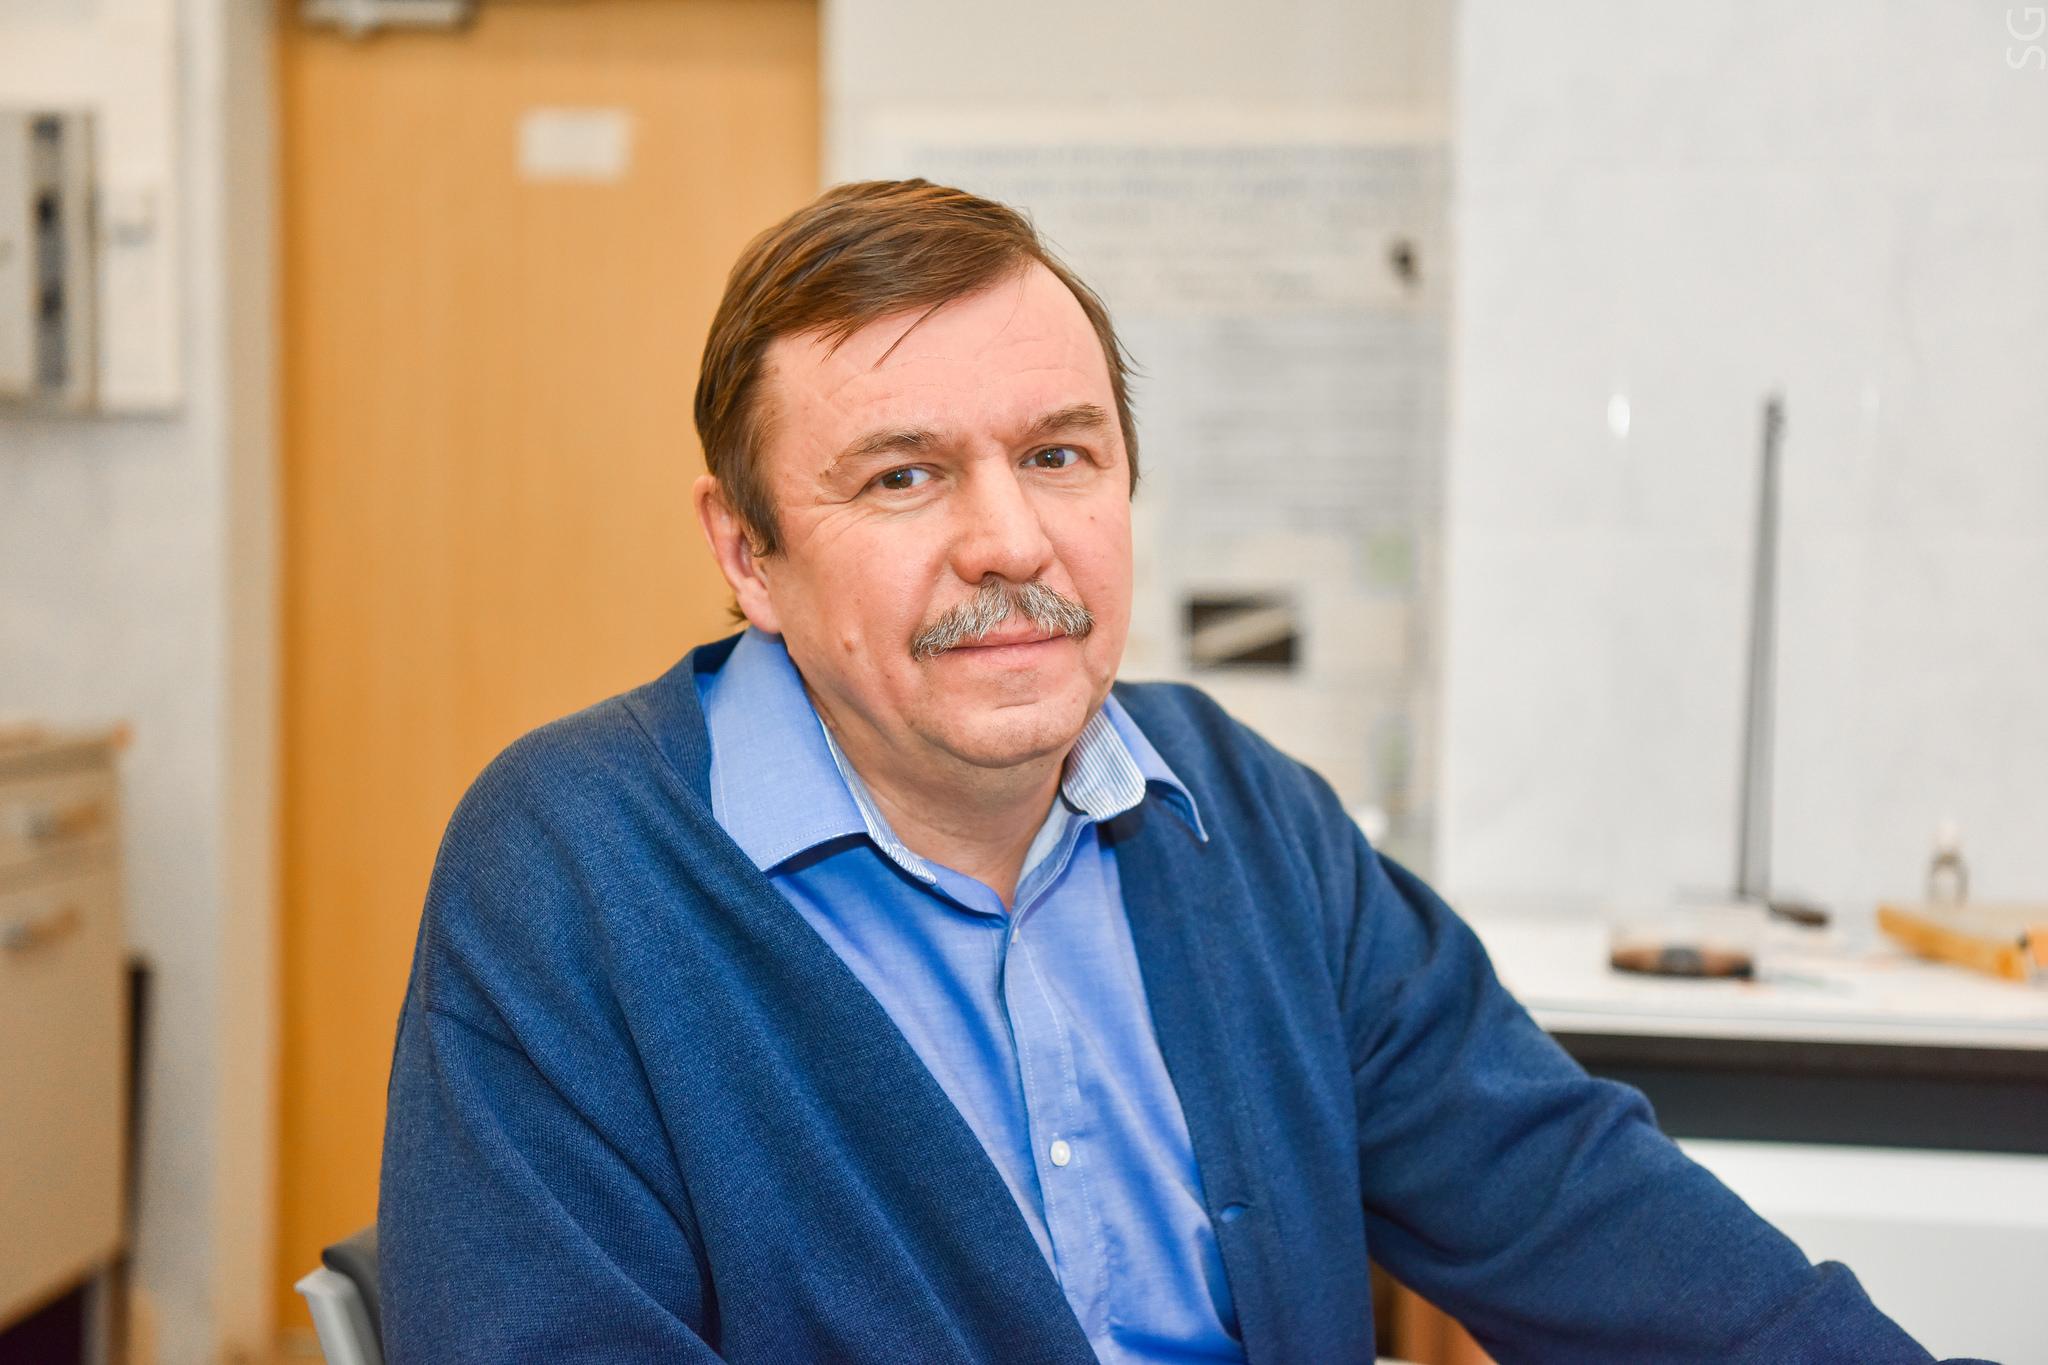 Руководитель проекта, научный сотрудник кафедры цветных металлов изолота НИТУ «МИСиС» к.ф.‑м.н. Сергей Гудошников.